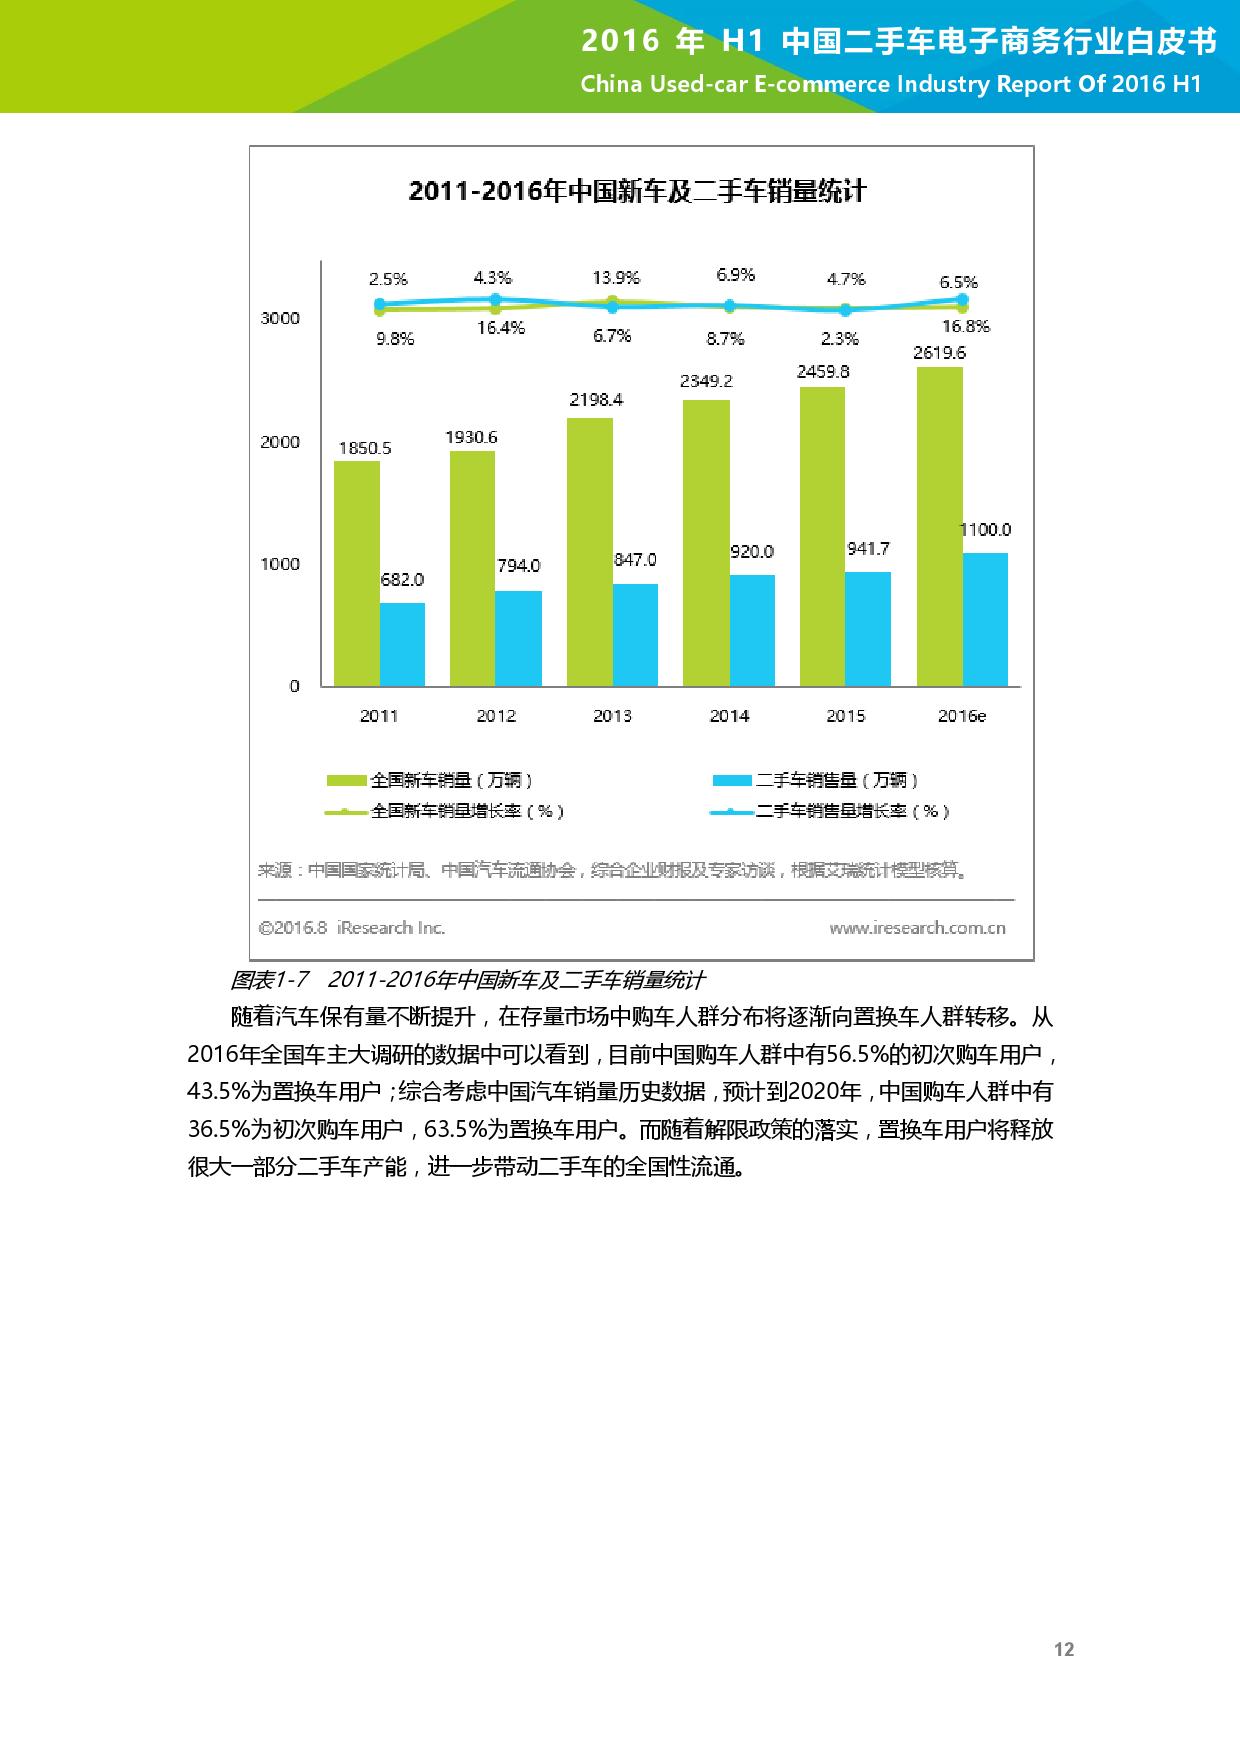 2016年H1中国二手车电子商务行业白皮书_000013